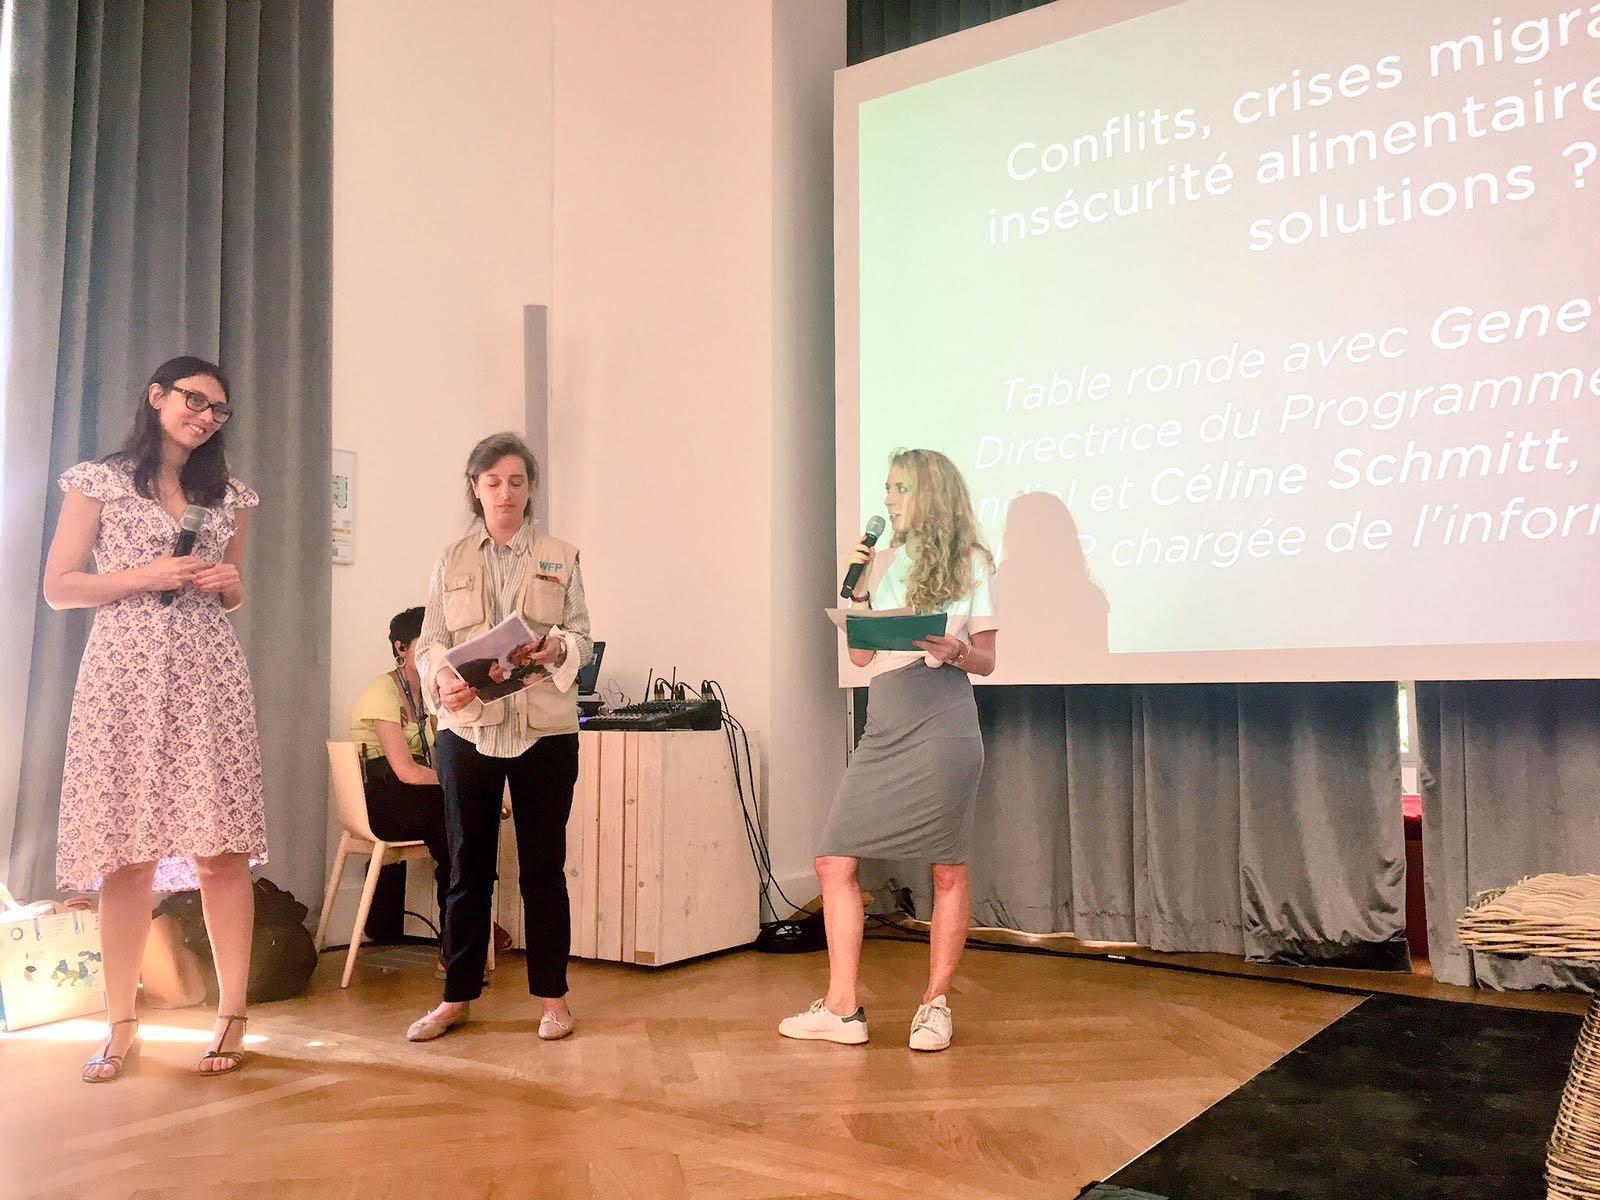 Céline Scmidtt, porte parole du Haut Commissariat des Réfugiés et Genevieve Wills, Directrice du Programme Alimentaire Mondiale